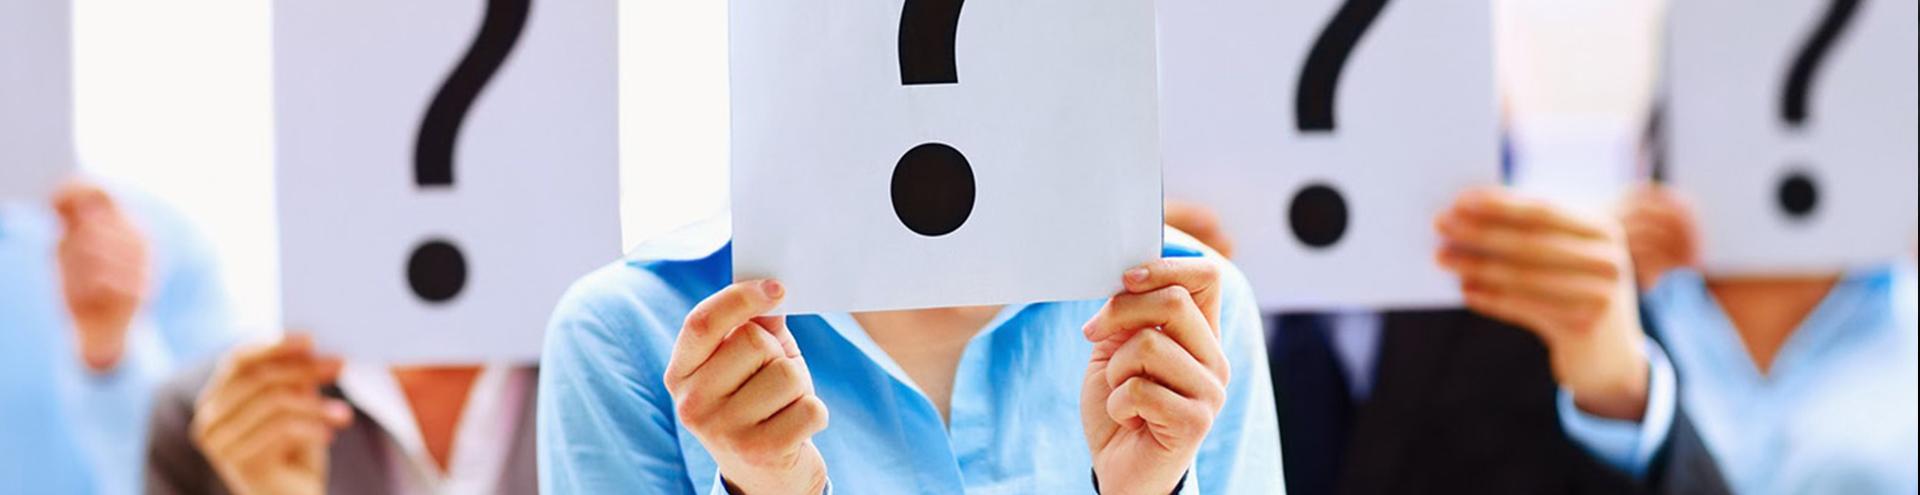 Задать вопрос юристу онлайн в Астрахани